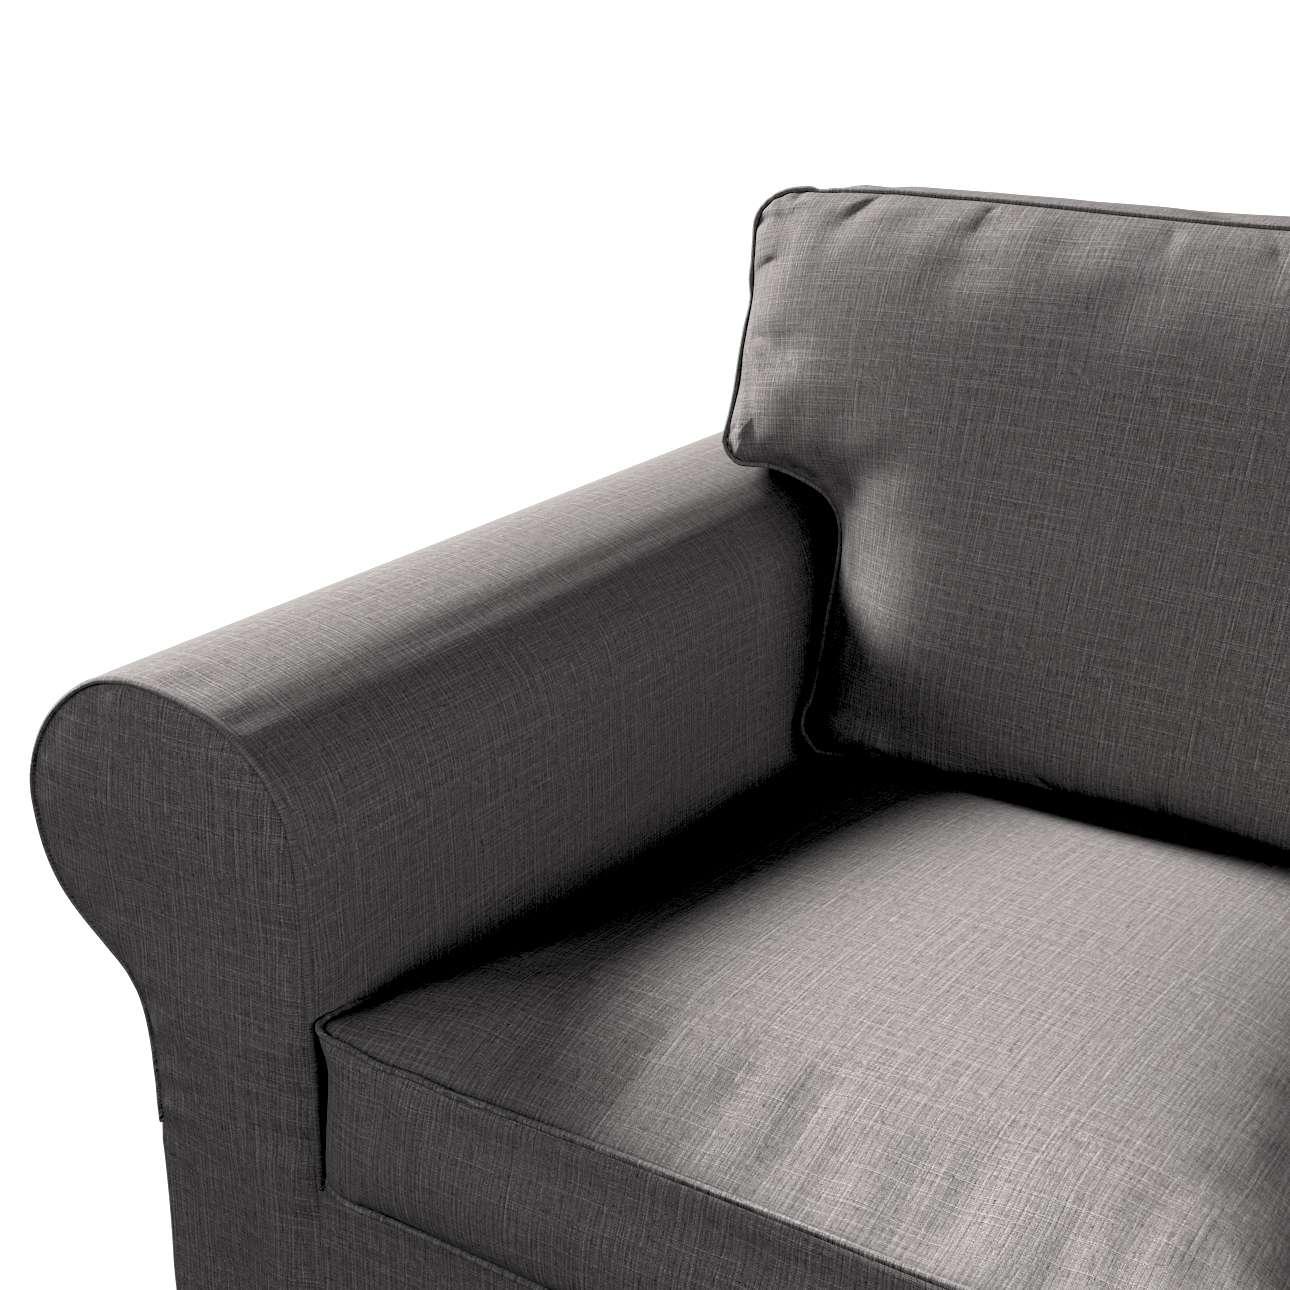 Pokrowiec na sofę Ektorp 2-osobową, rozkładaną, model do 2012 w kolekcji Living II, tkanina: 161-16